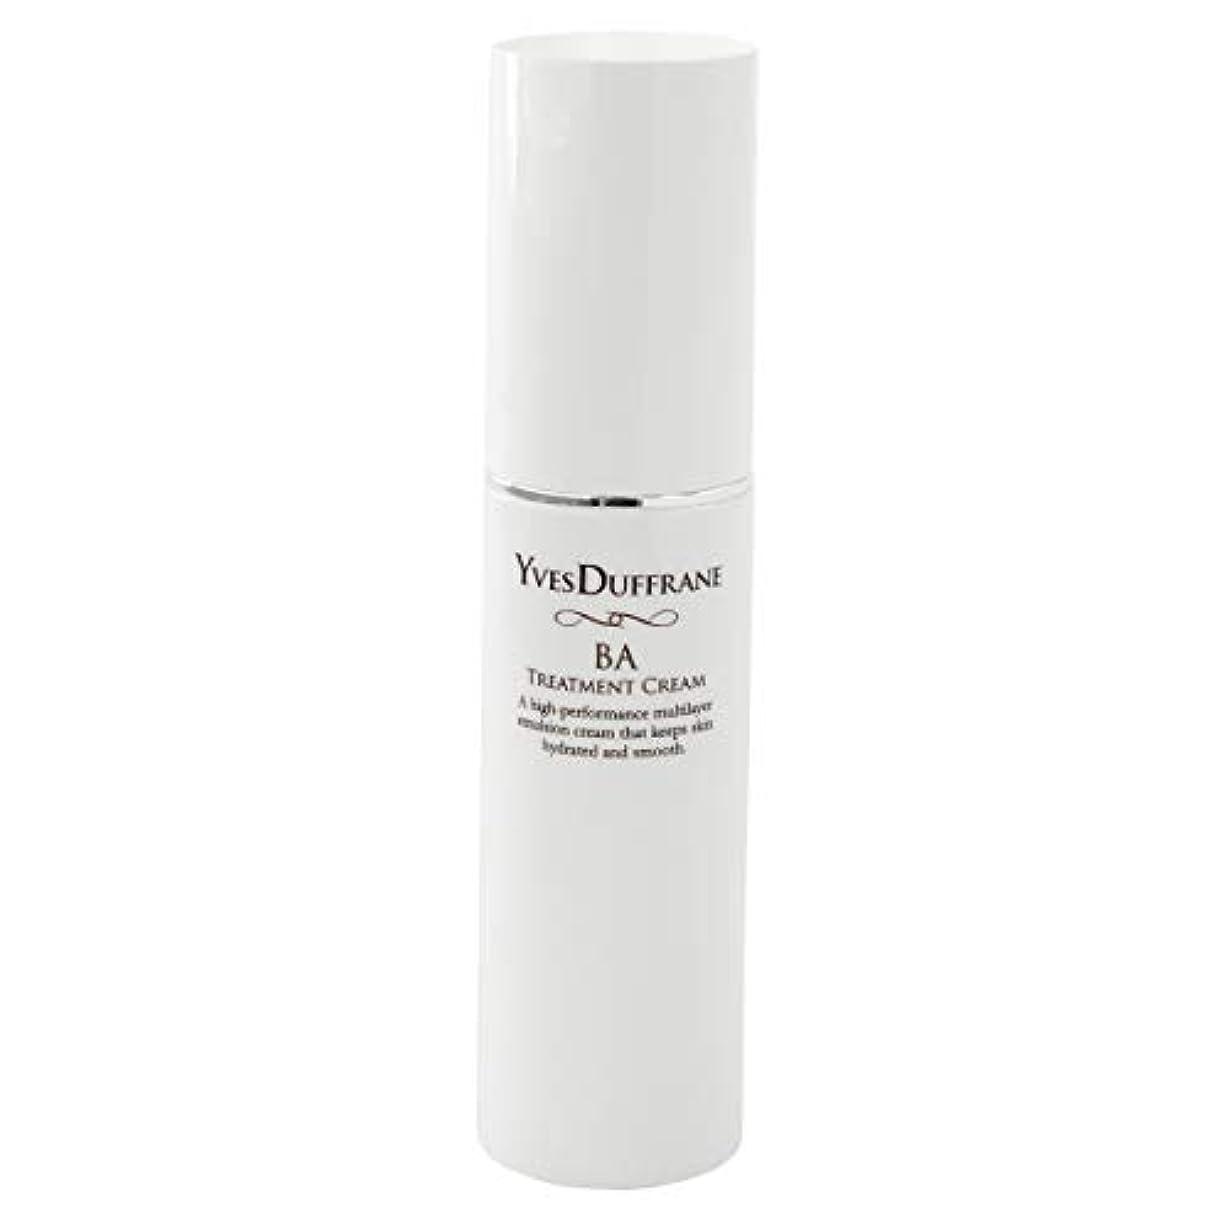 ナラーバーパノラマ父方のセラミド 美容クリーム [BAトリートメント クリーム ] 顔 目元 敏感肌 保湿 セラミド ビタミンC誘導体 バイオアンテージ配合